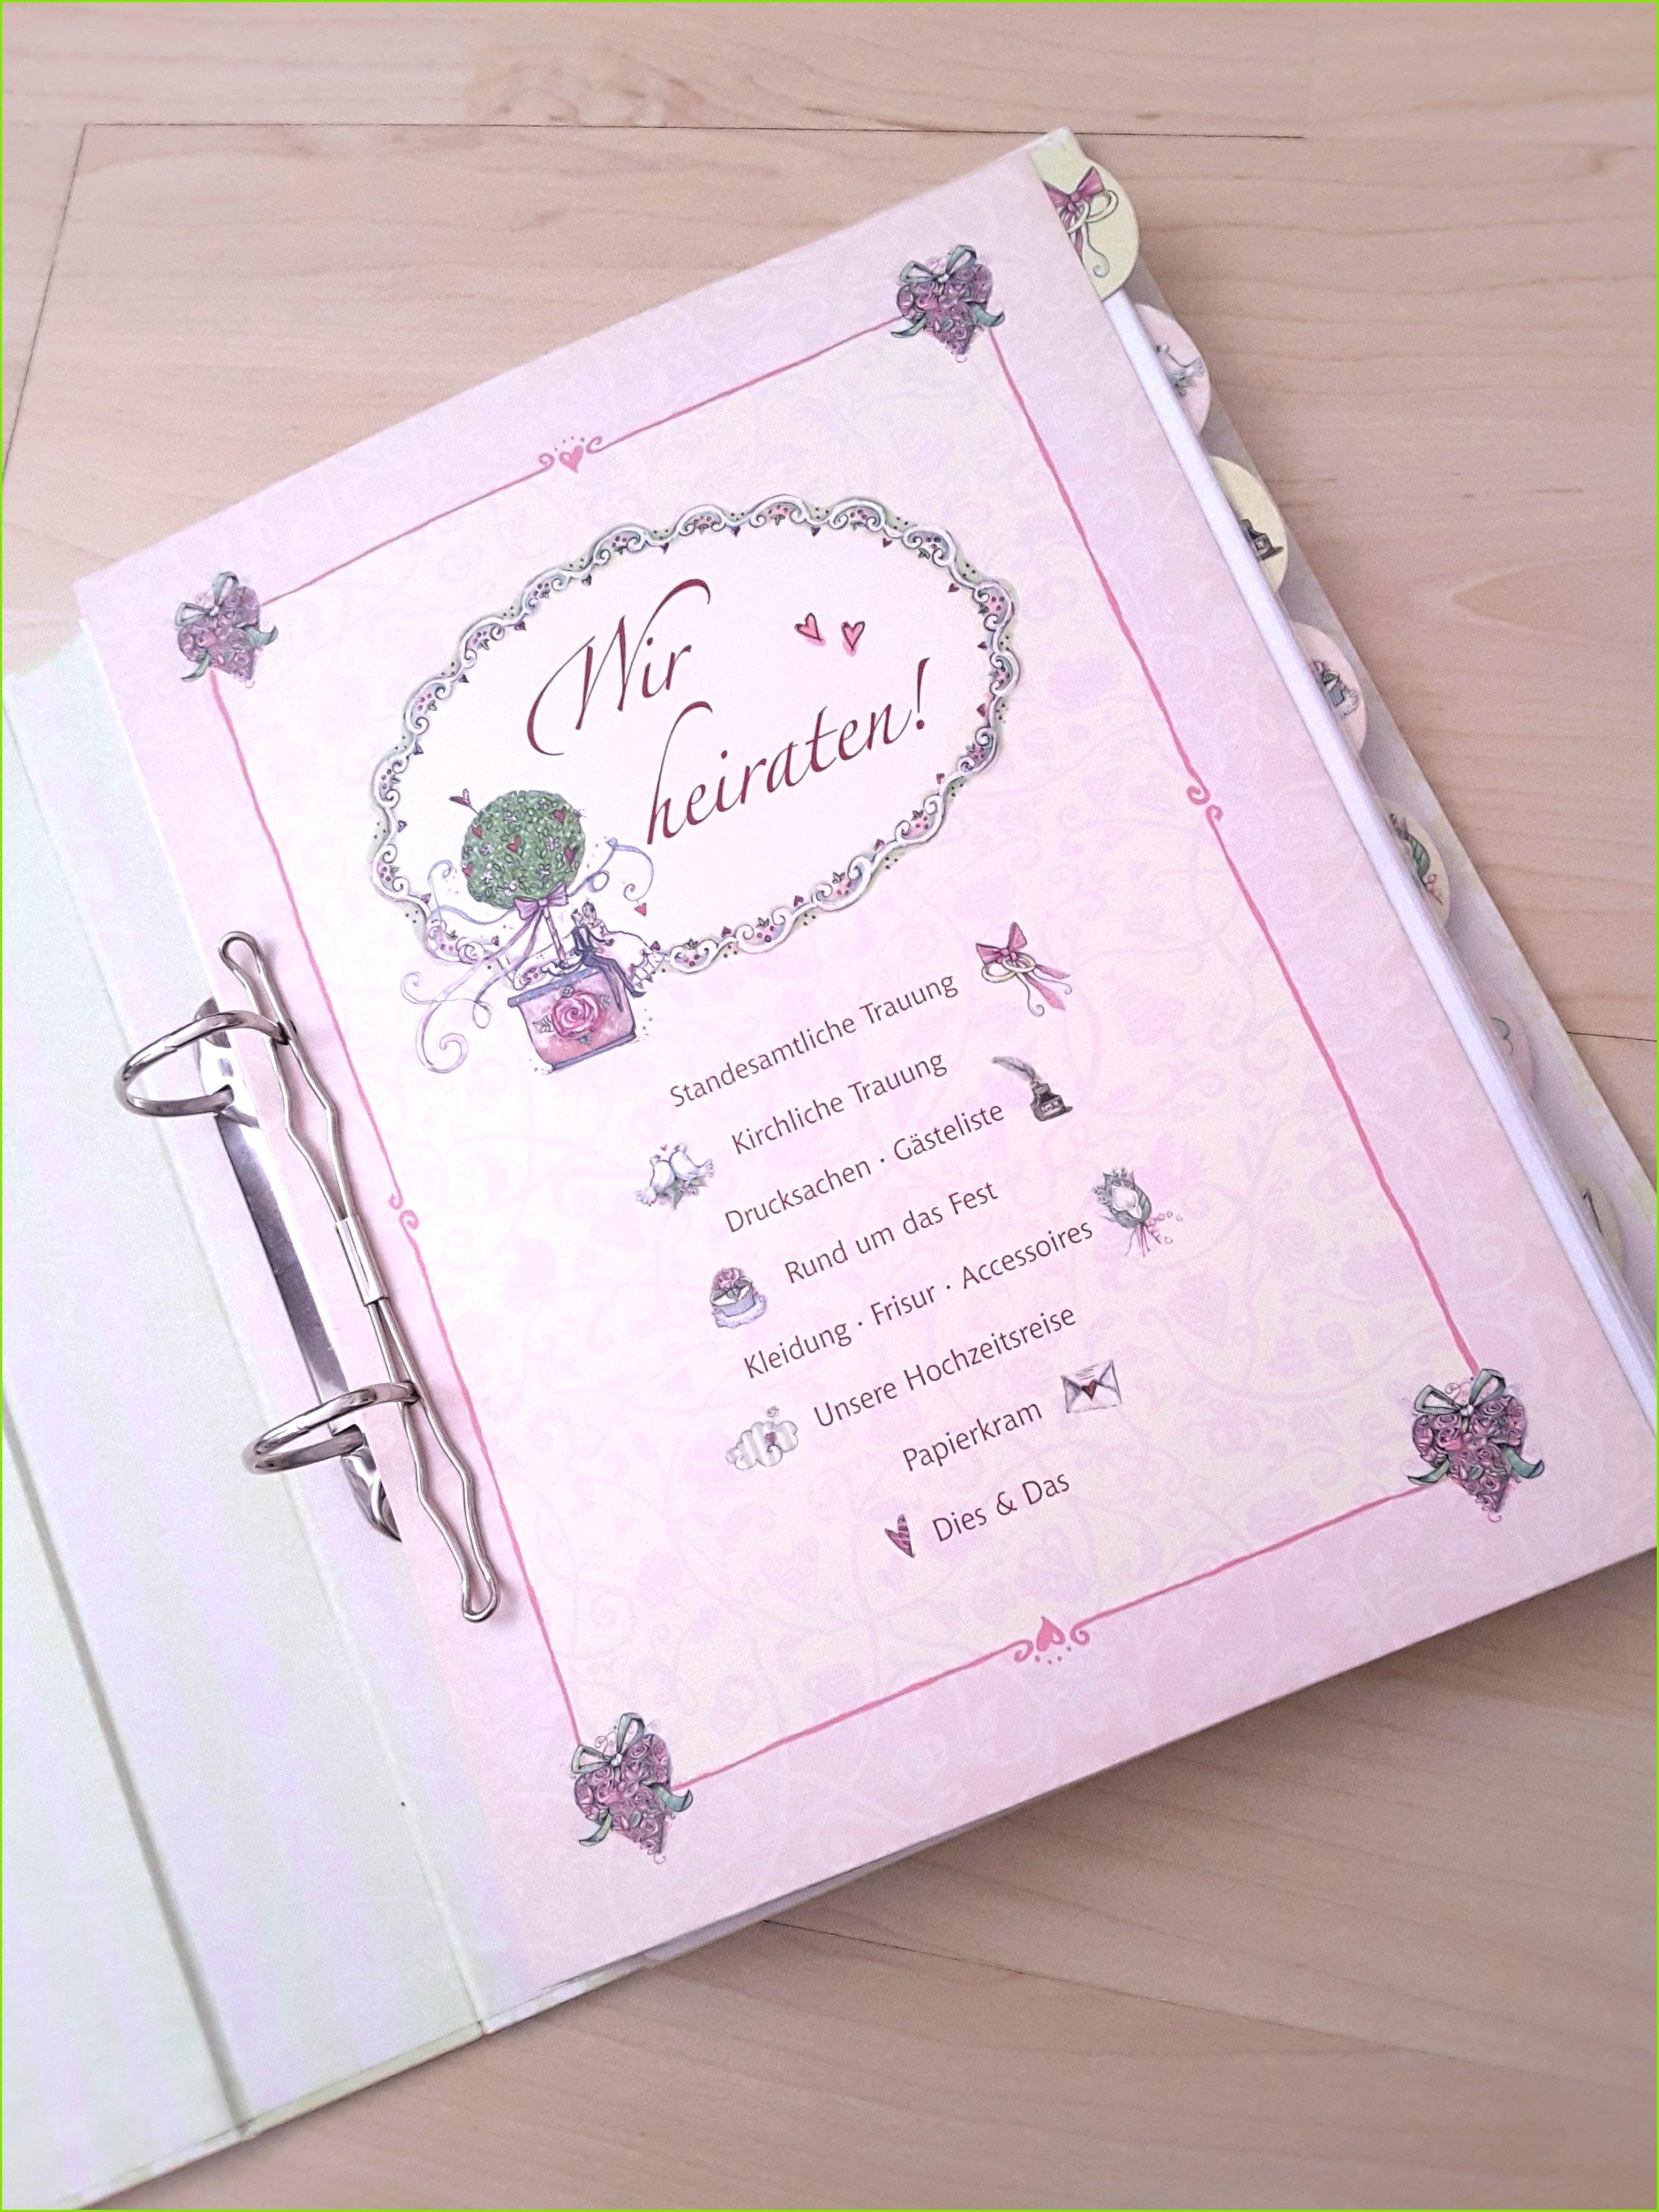 Einladung Kindergeburtstag Blume Einladungskarten Blumen Kostenloser Download Media Image 0d 59 82